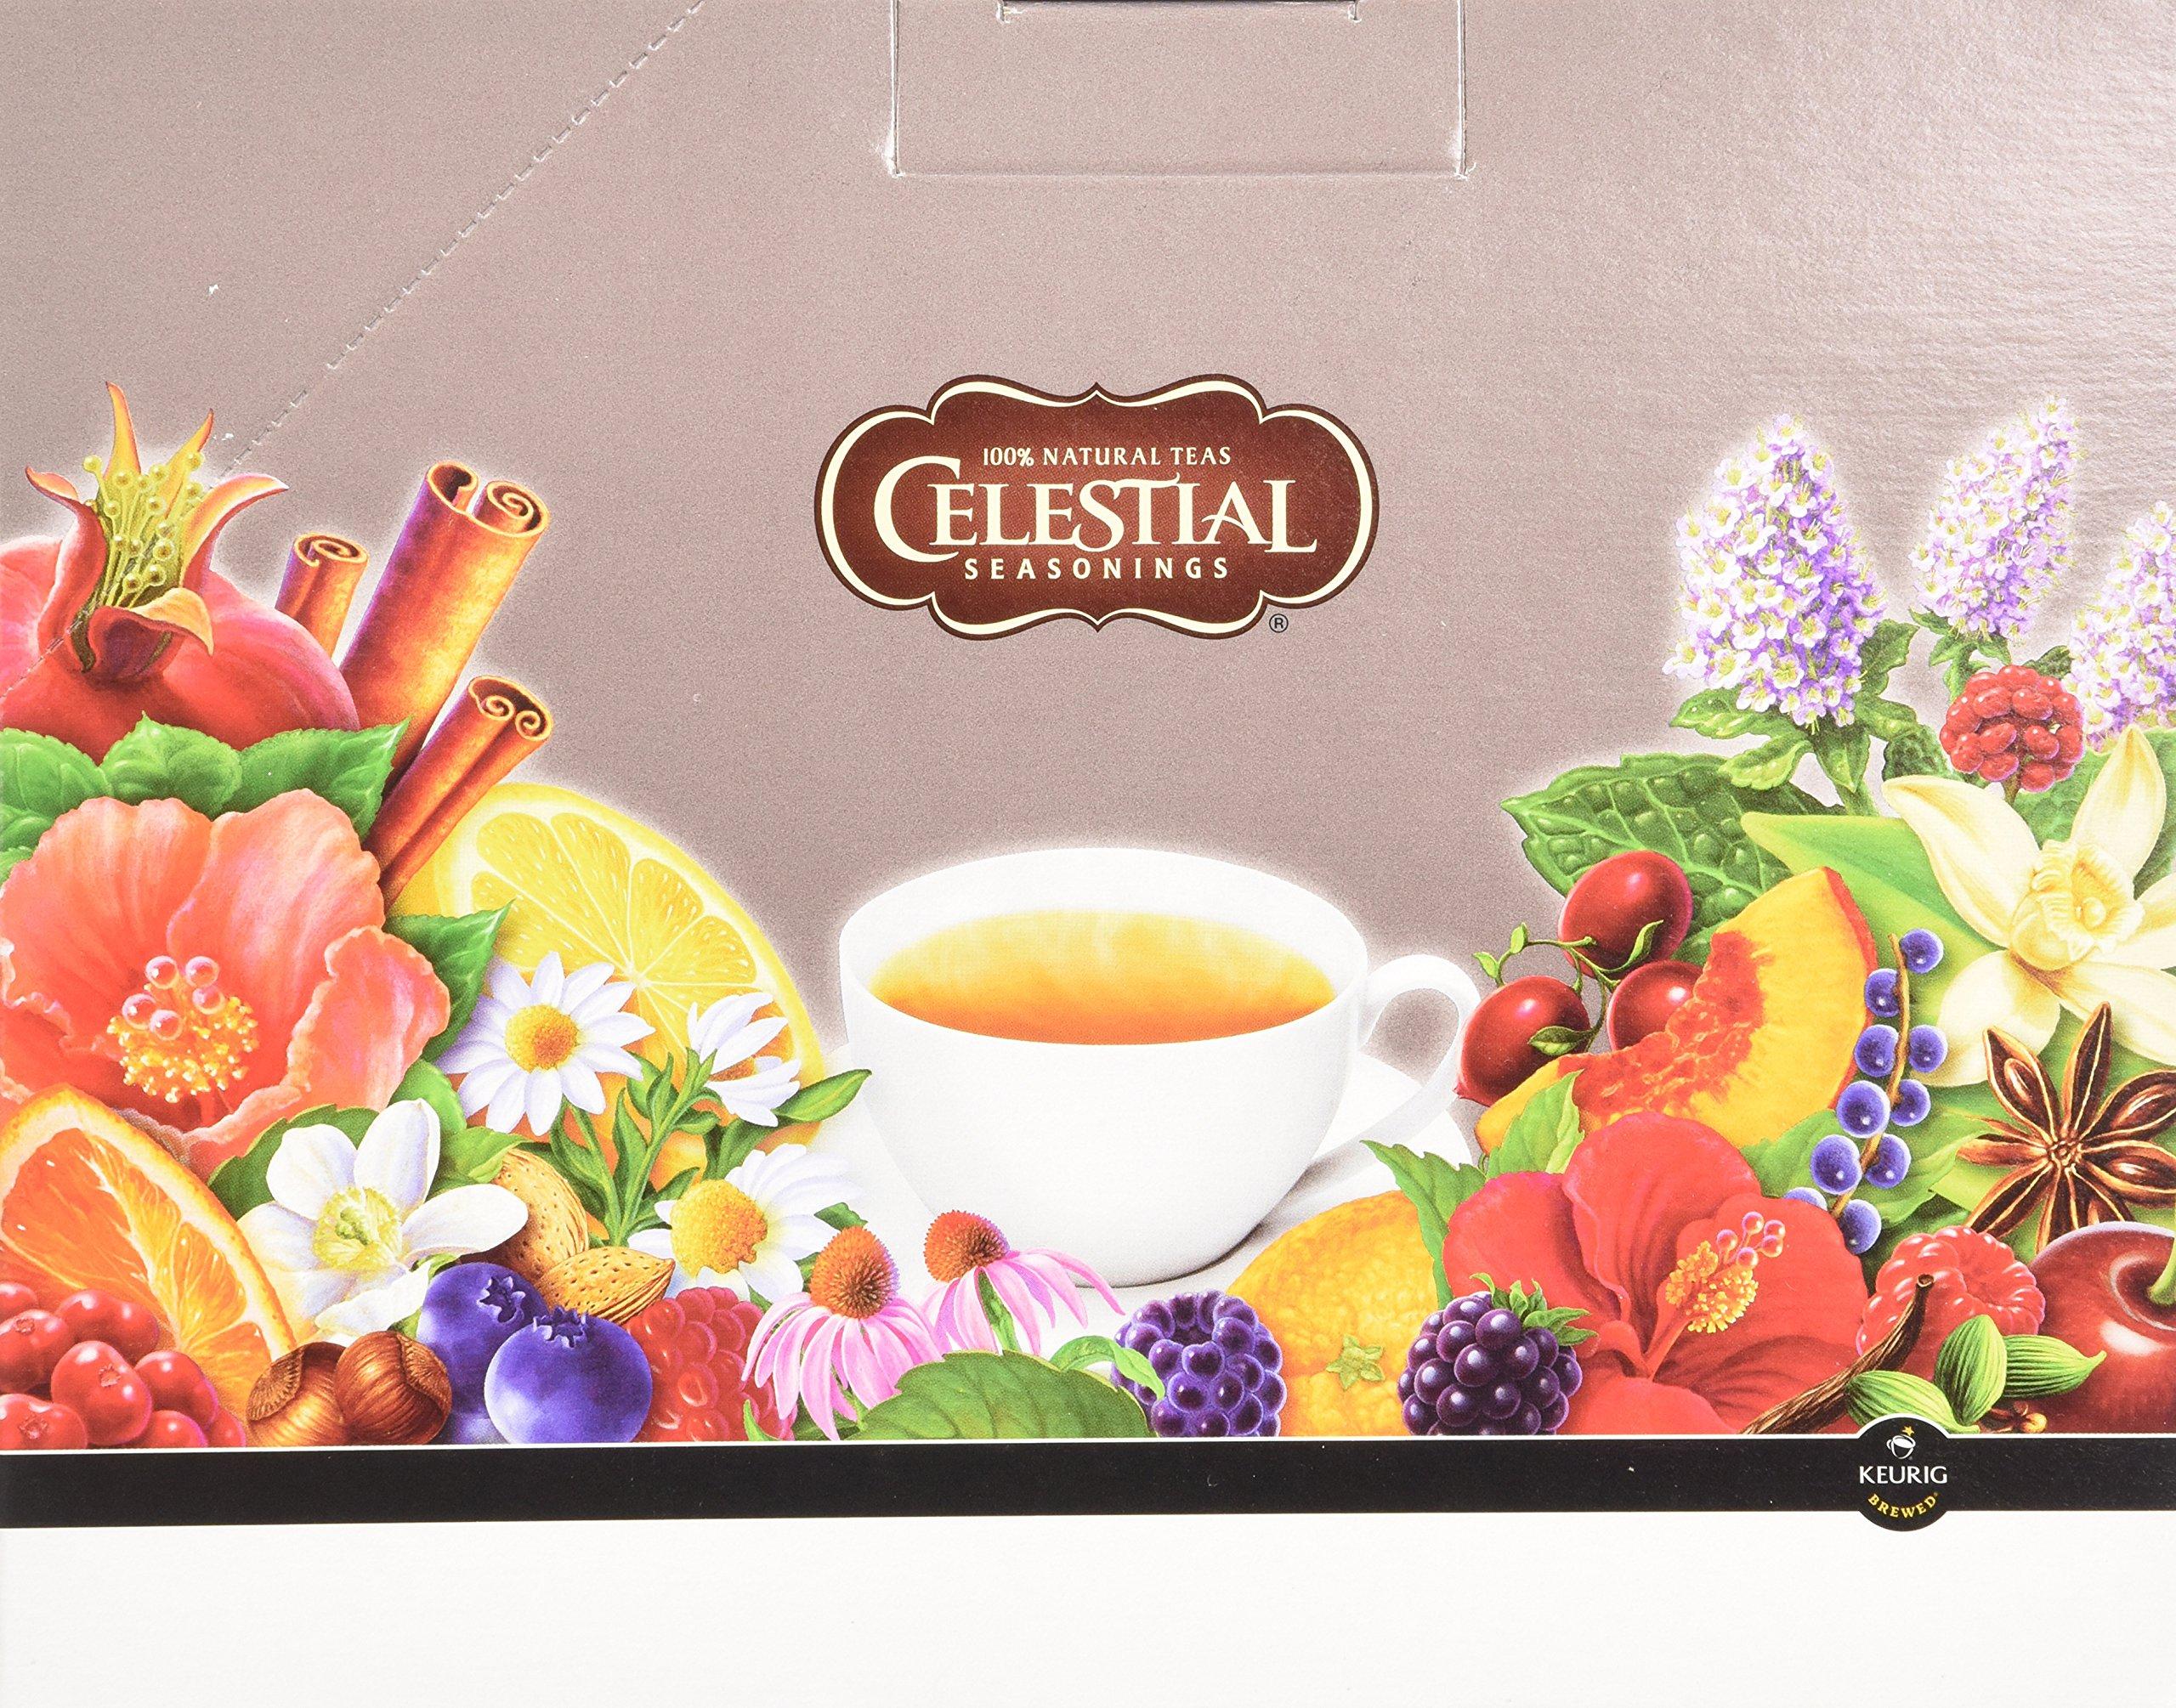 Celestial Seasonings K-Cup for Keurig Brewers, Variety Tea Box (Pack of 88) by Celestial Seasonings